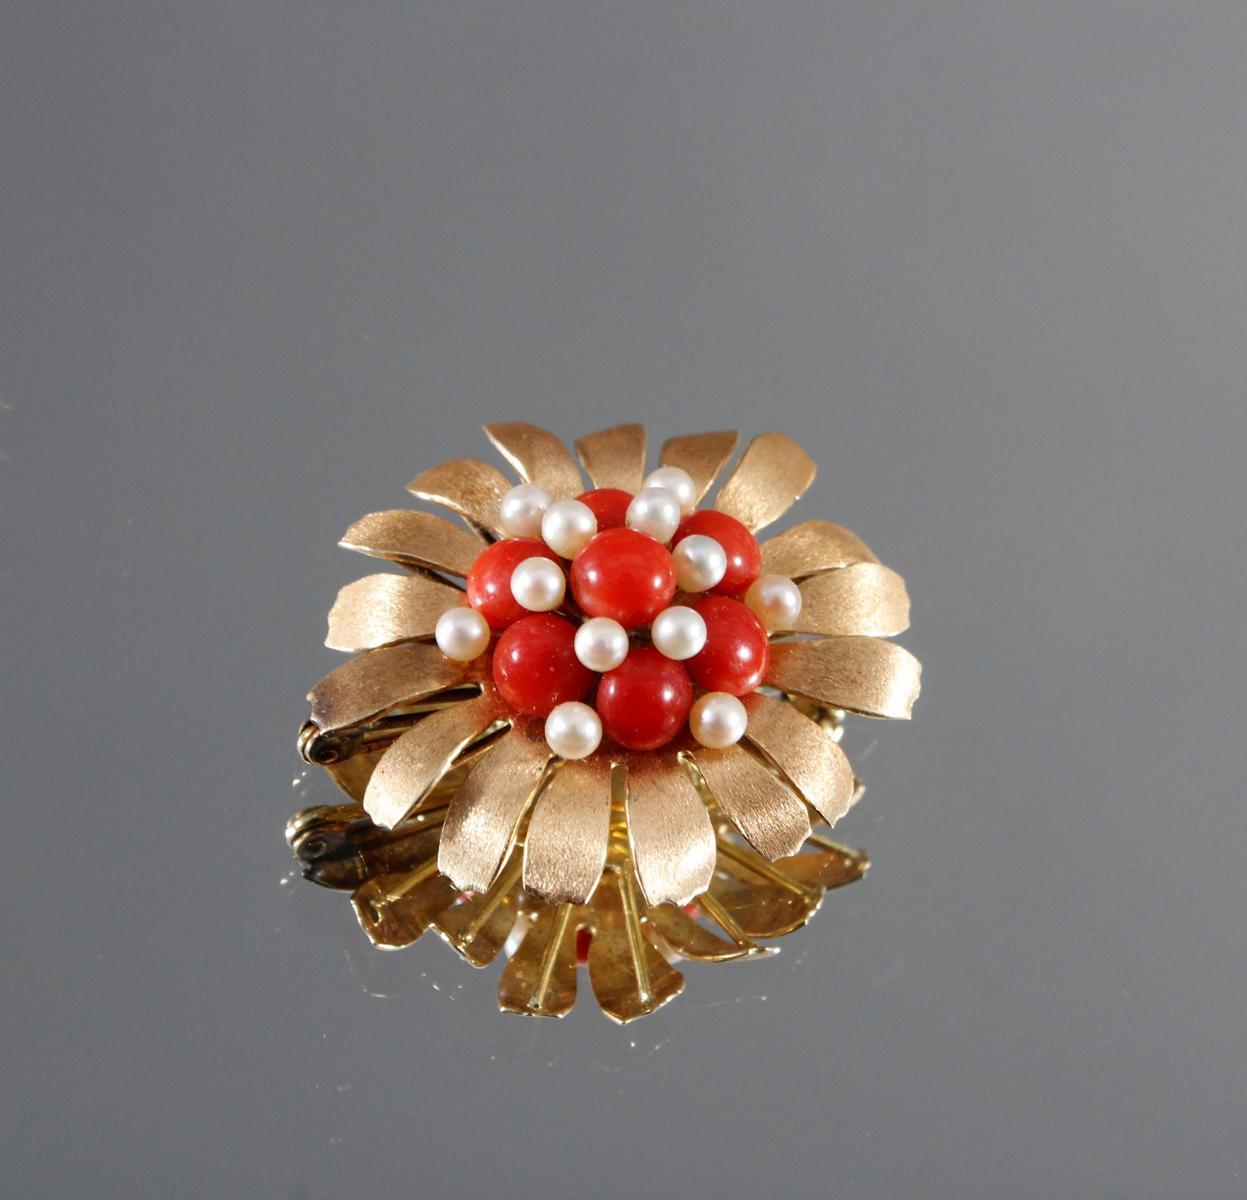 Brosche aus 14 kt Gelbgold mit Perlen und roter Koralle